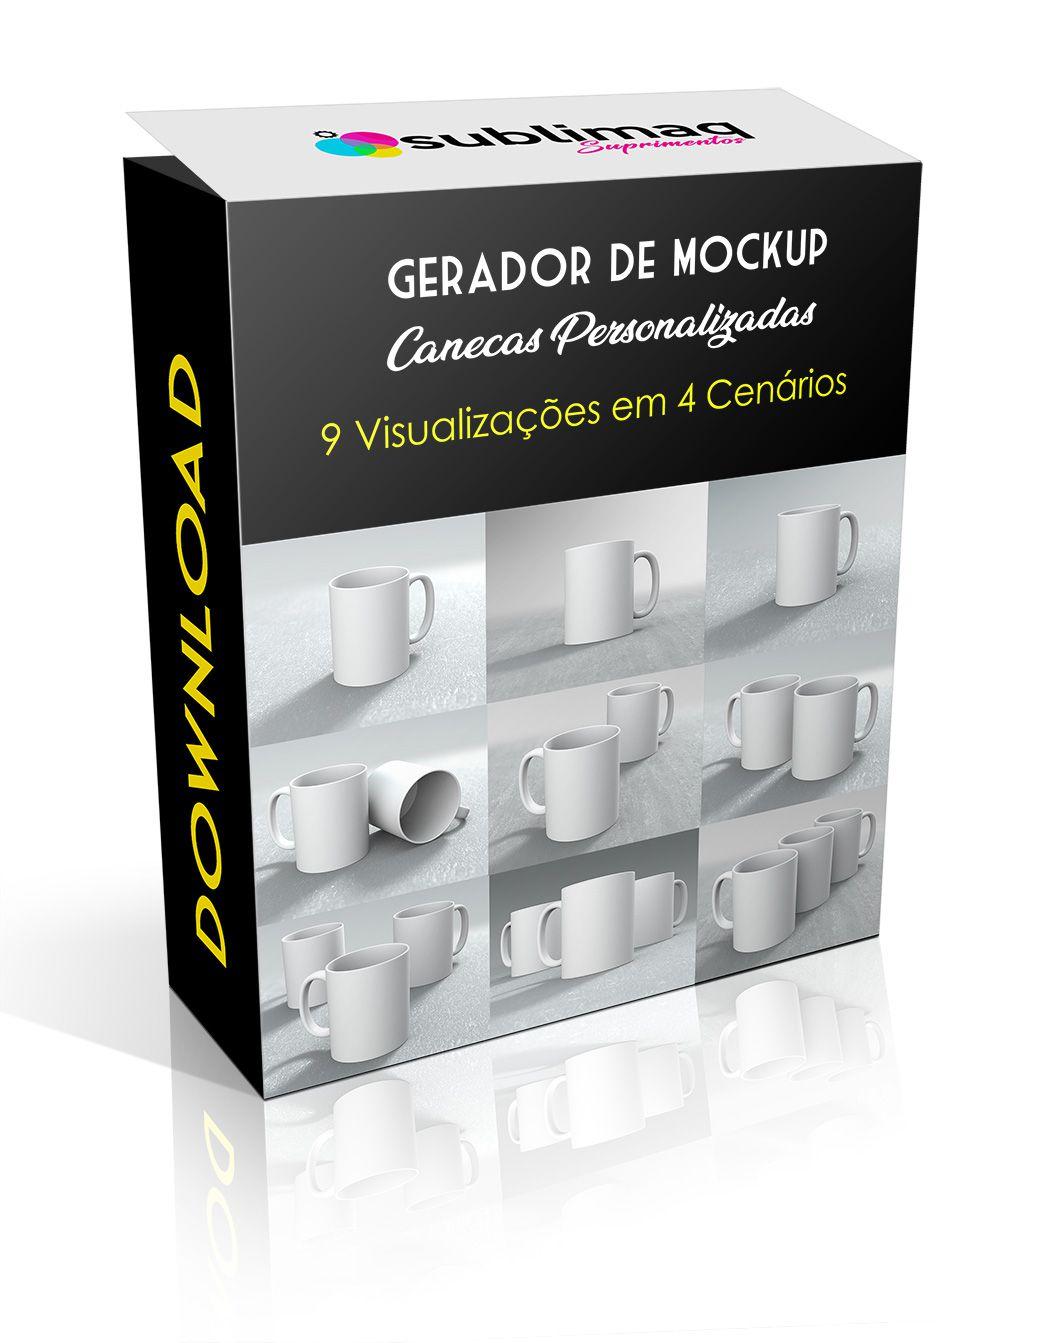 Kit Prêmium Gerador de Mockups para Canecas Personalizadas em 9 Cenários Variados